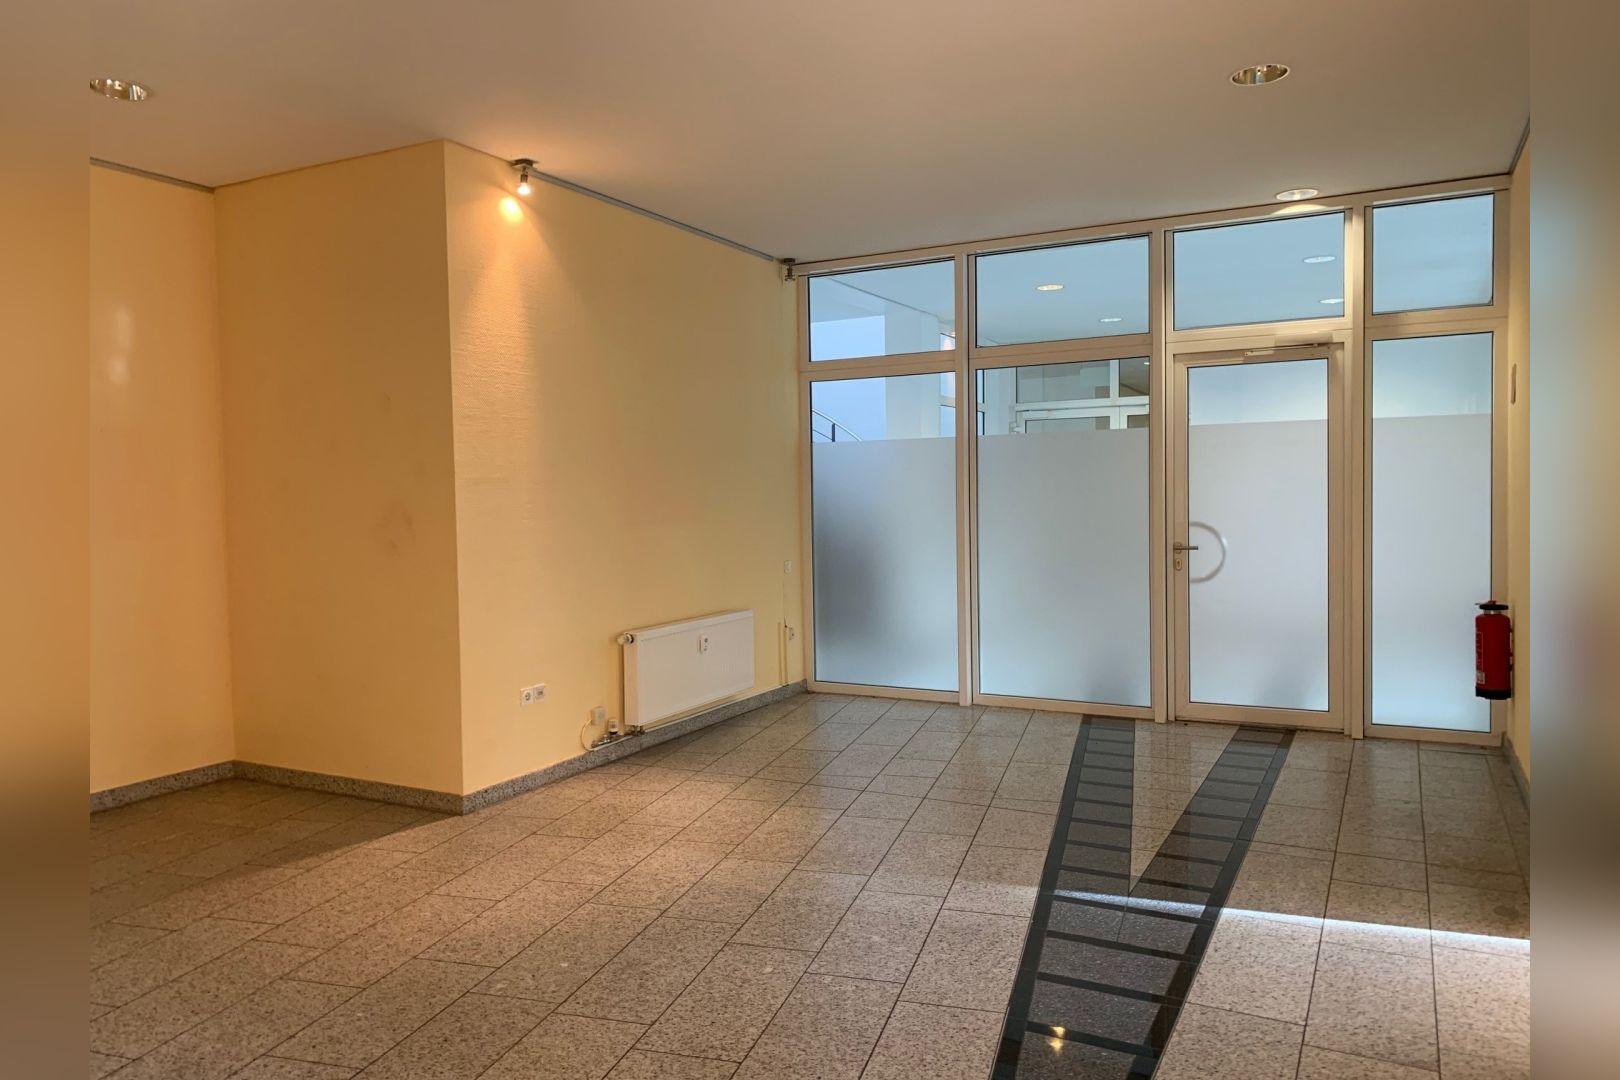 Immobilie Nr.112 | Am Wasserturm 6, 40668 Meerbusch